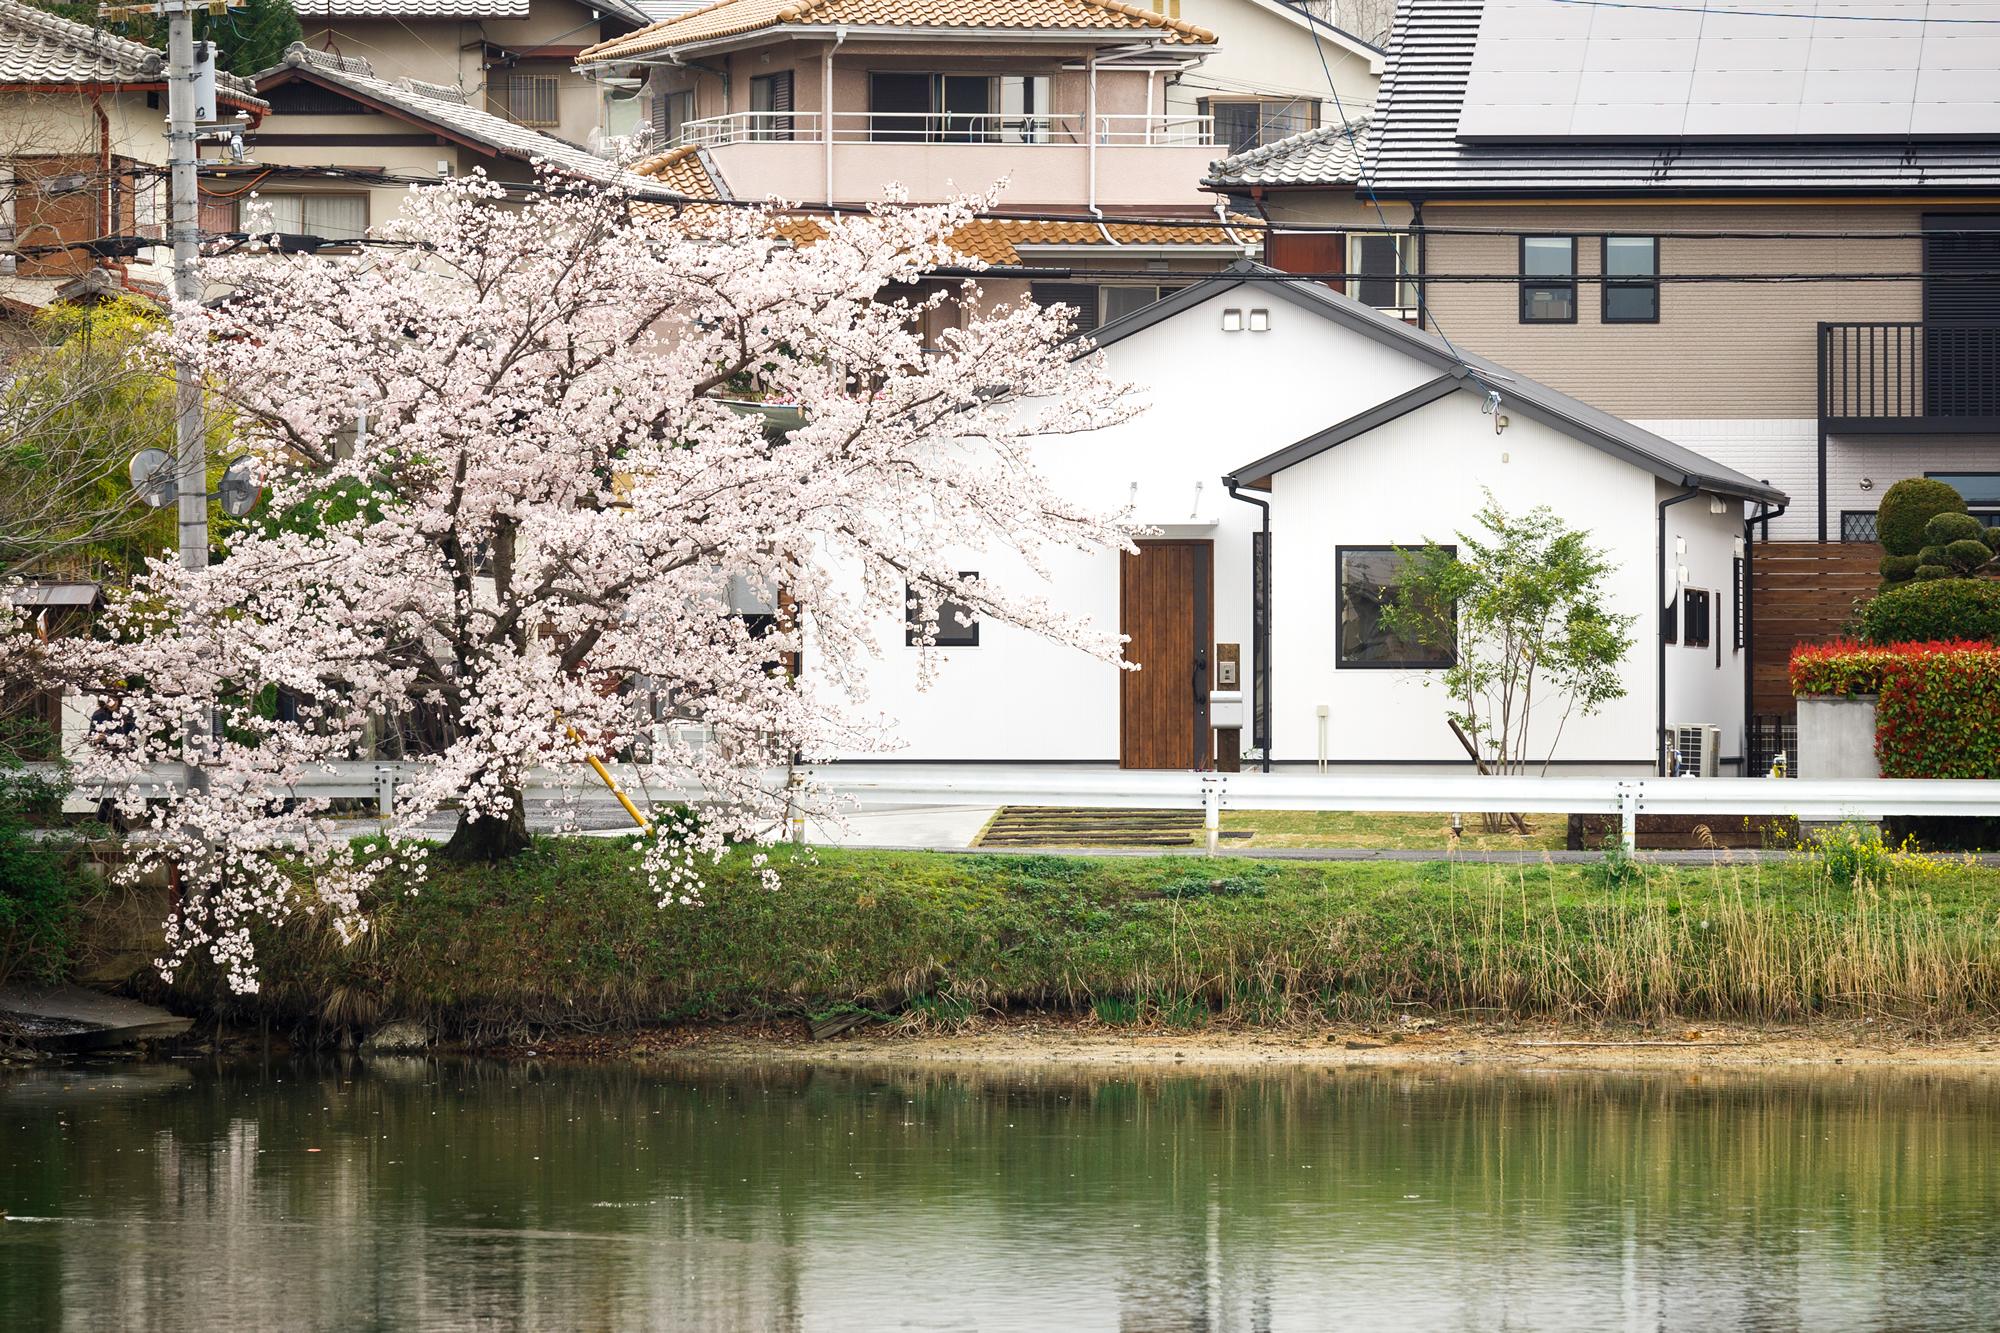 新築施工事例に、「湖畔に佇む白鷺のような平家」を追加しました。